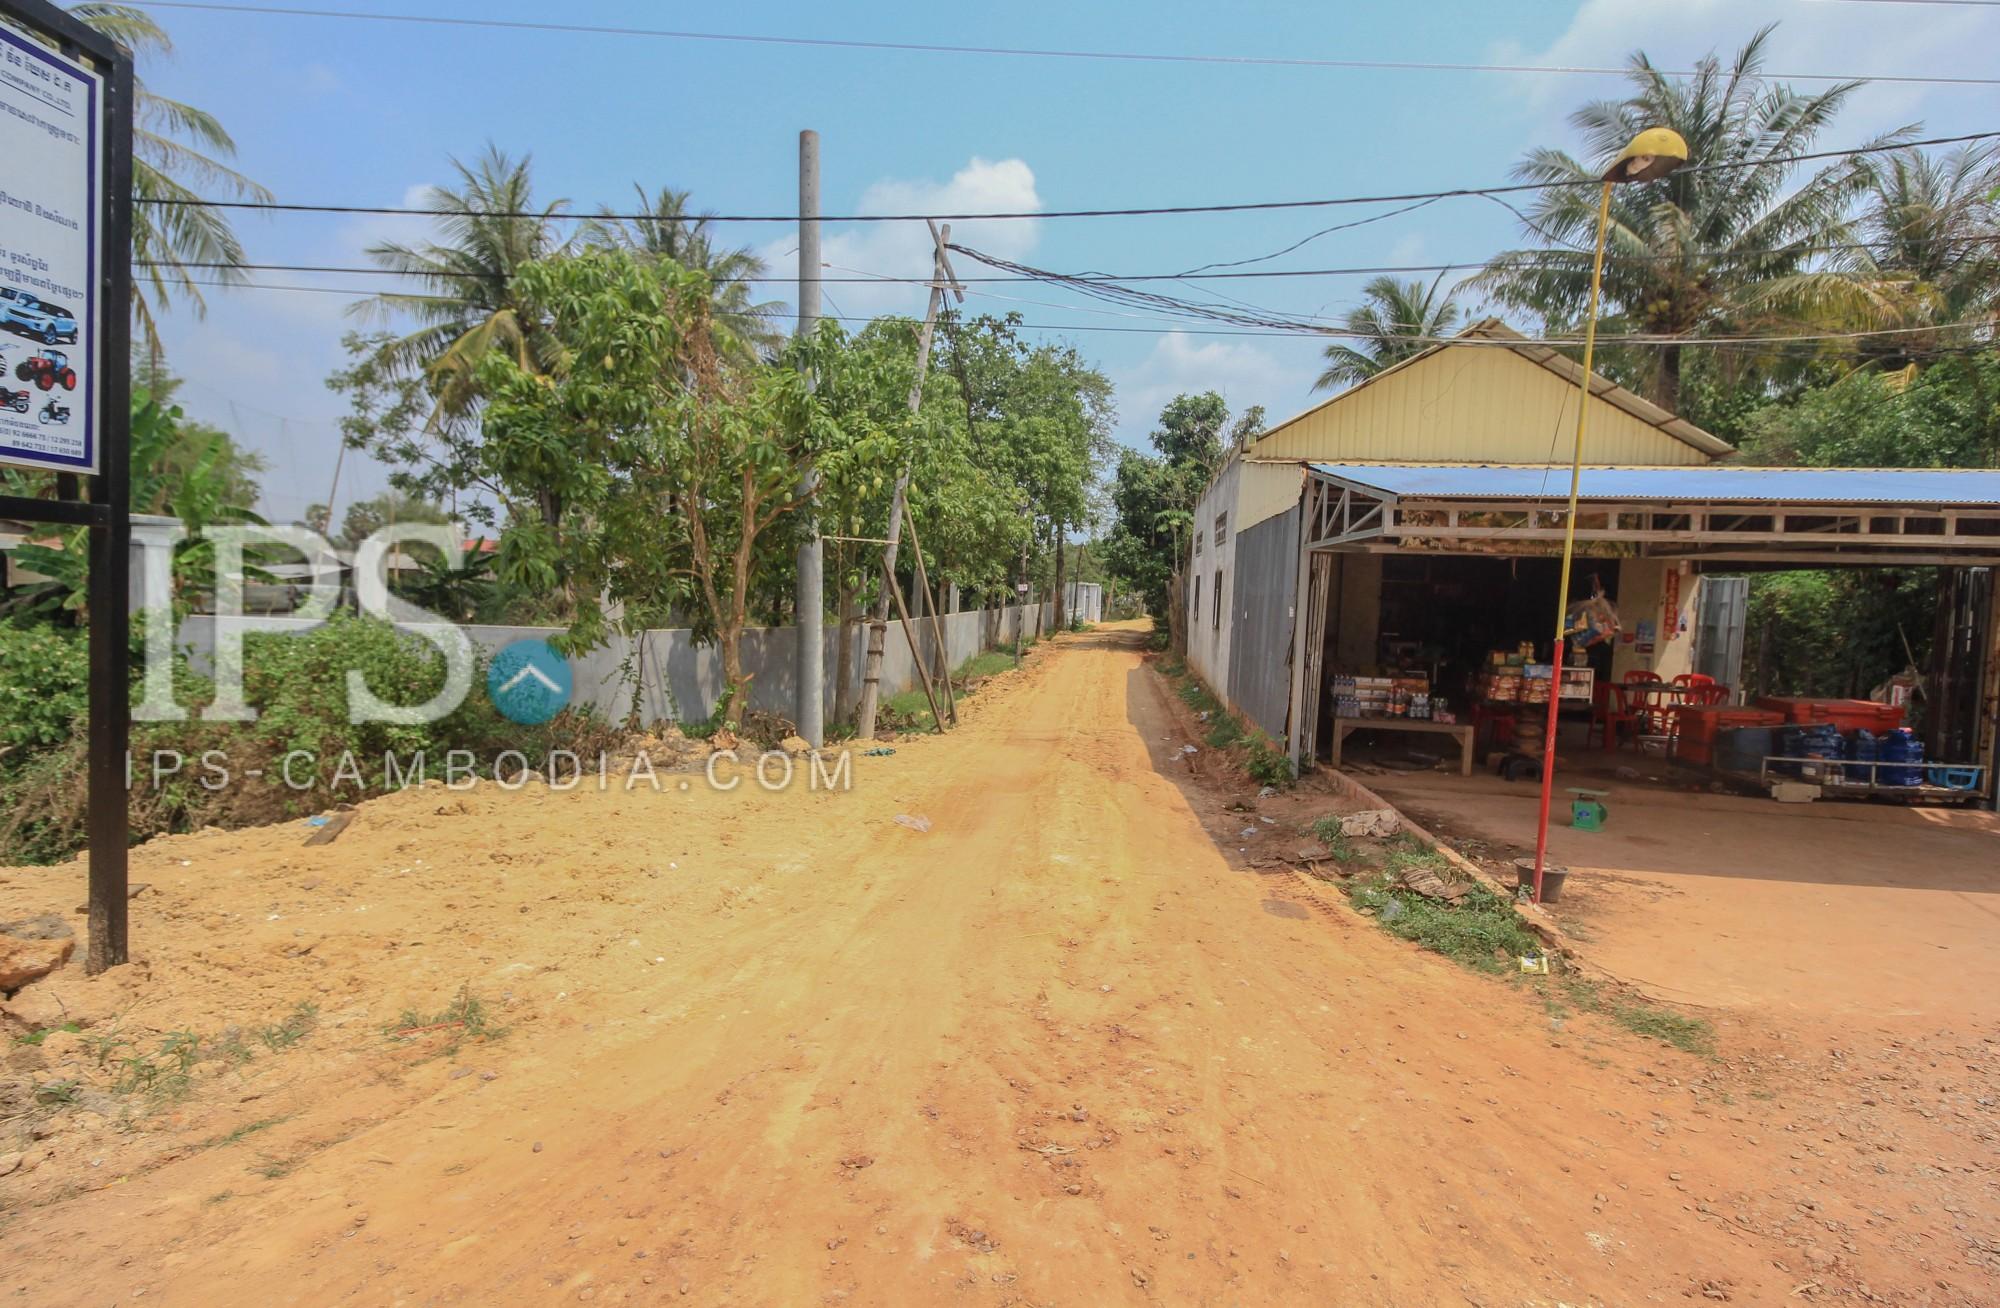 250 sqm. Land For Sale - Chreav, Siem Reap